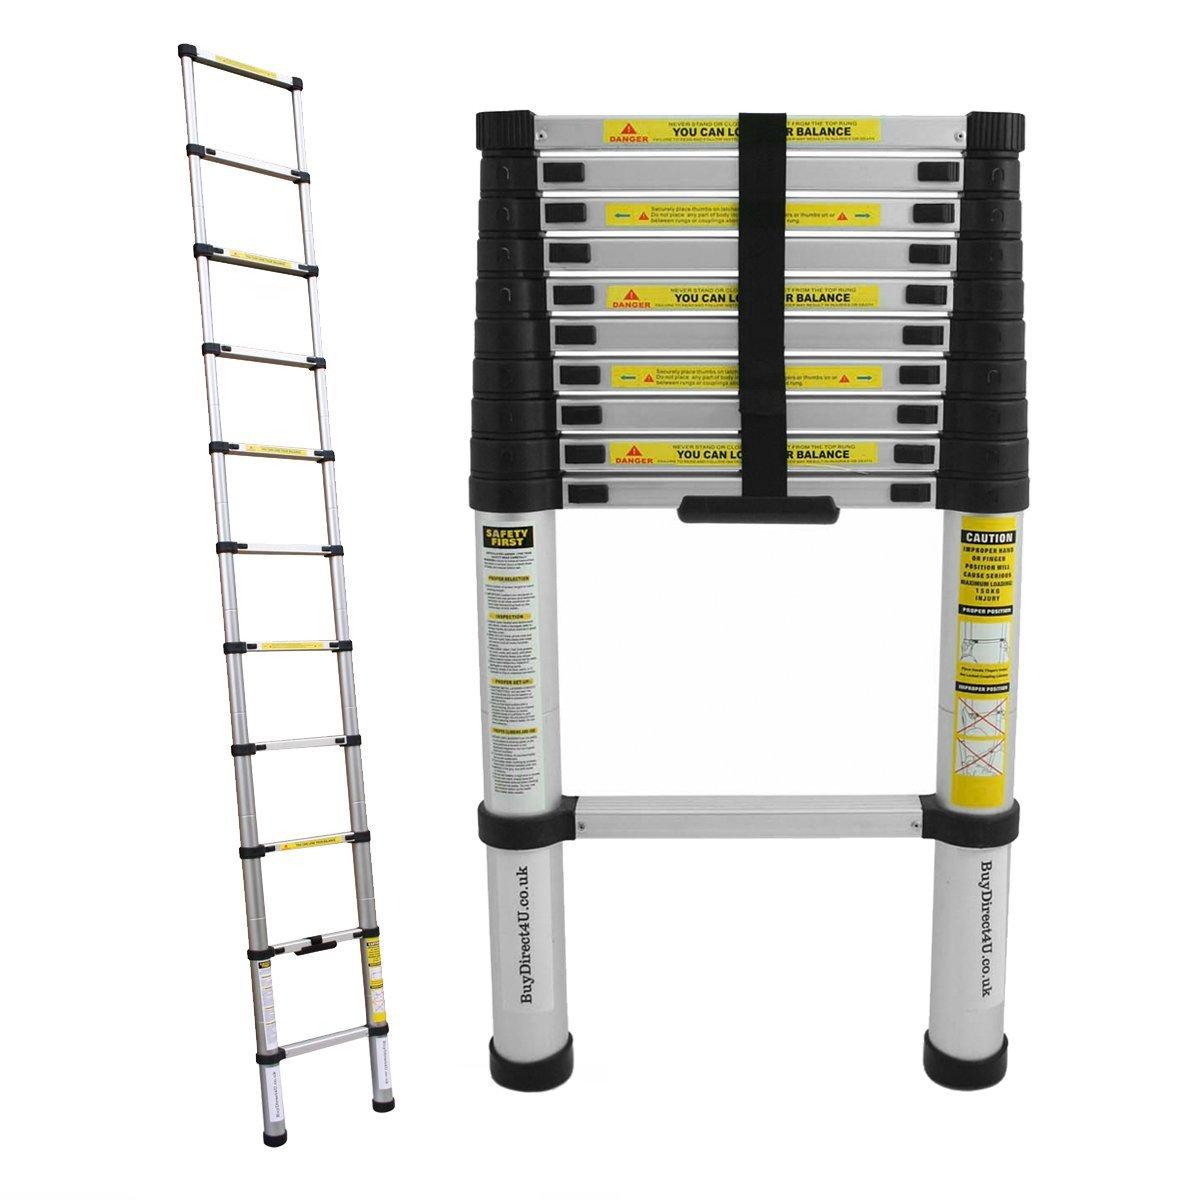 Charles Bentley 3.2M Telescopic Extendable Extension Ladder With EN131-1, EN131-2, EN131-3 Certificate